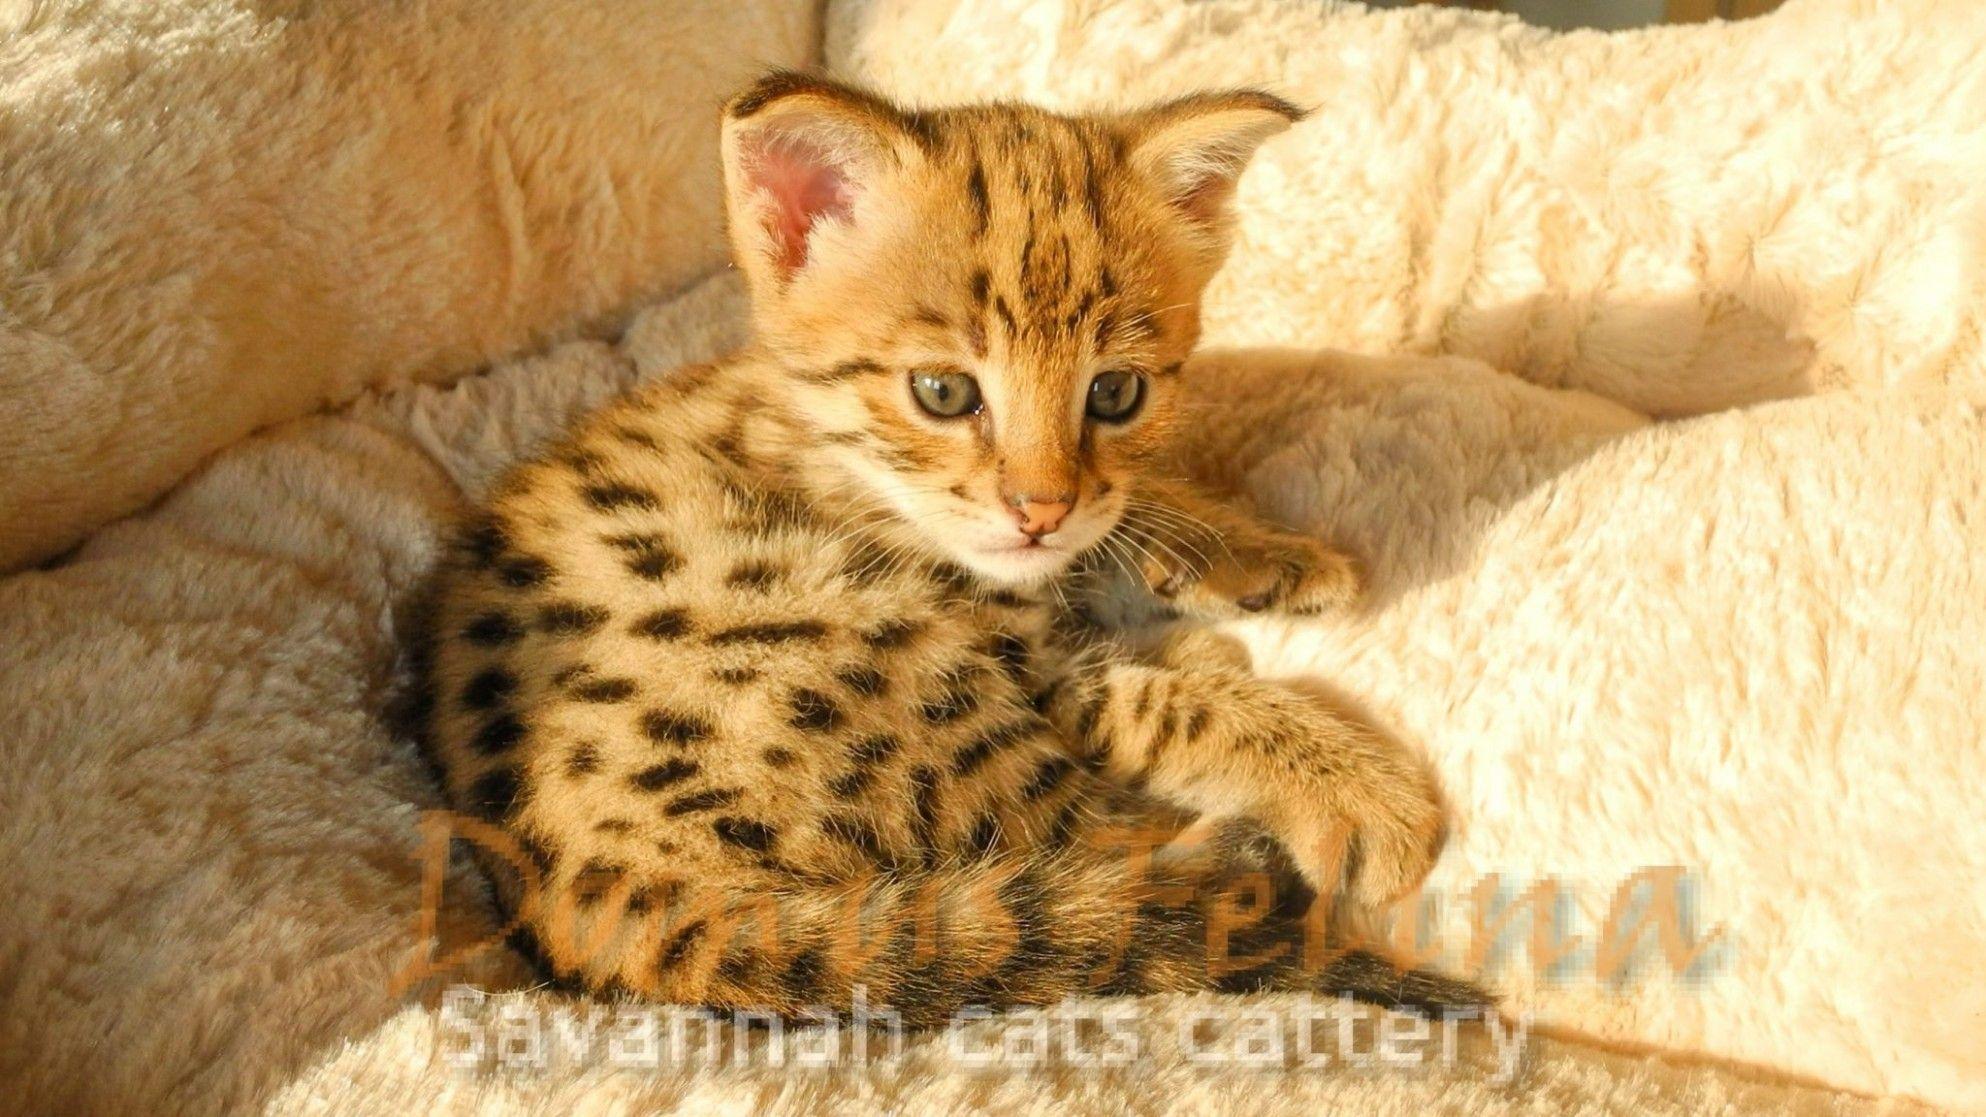 8 Serval Cat Kittens For Sale Wallpaper In 2020 Bengal Cat Kittens Ashera Cat Kitten Images